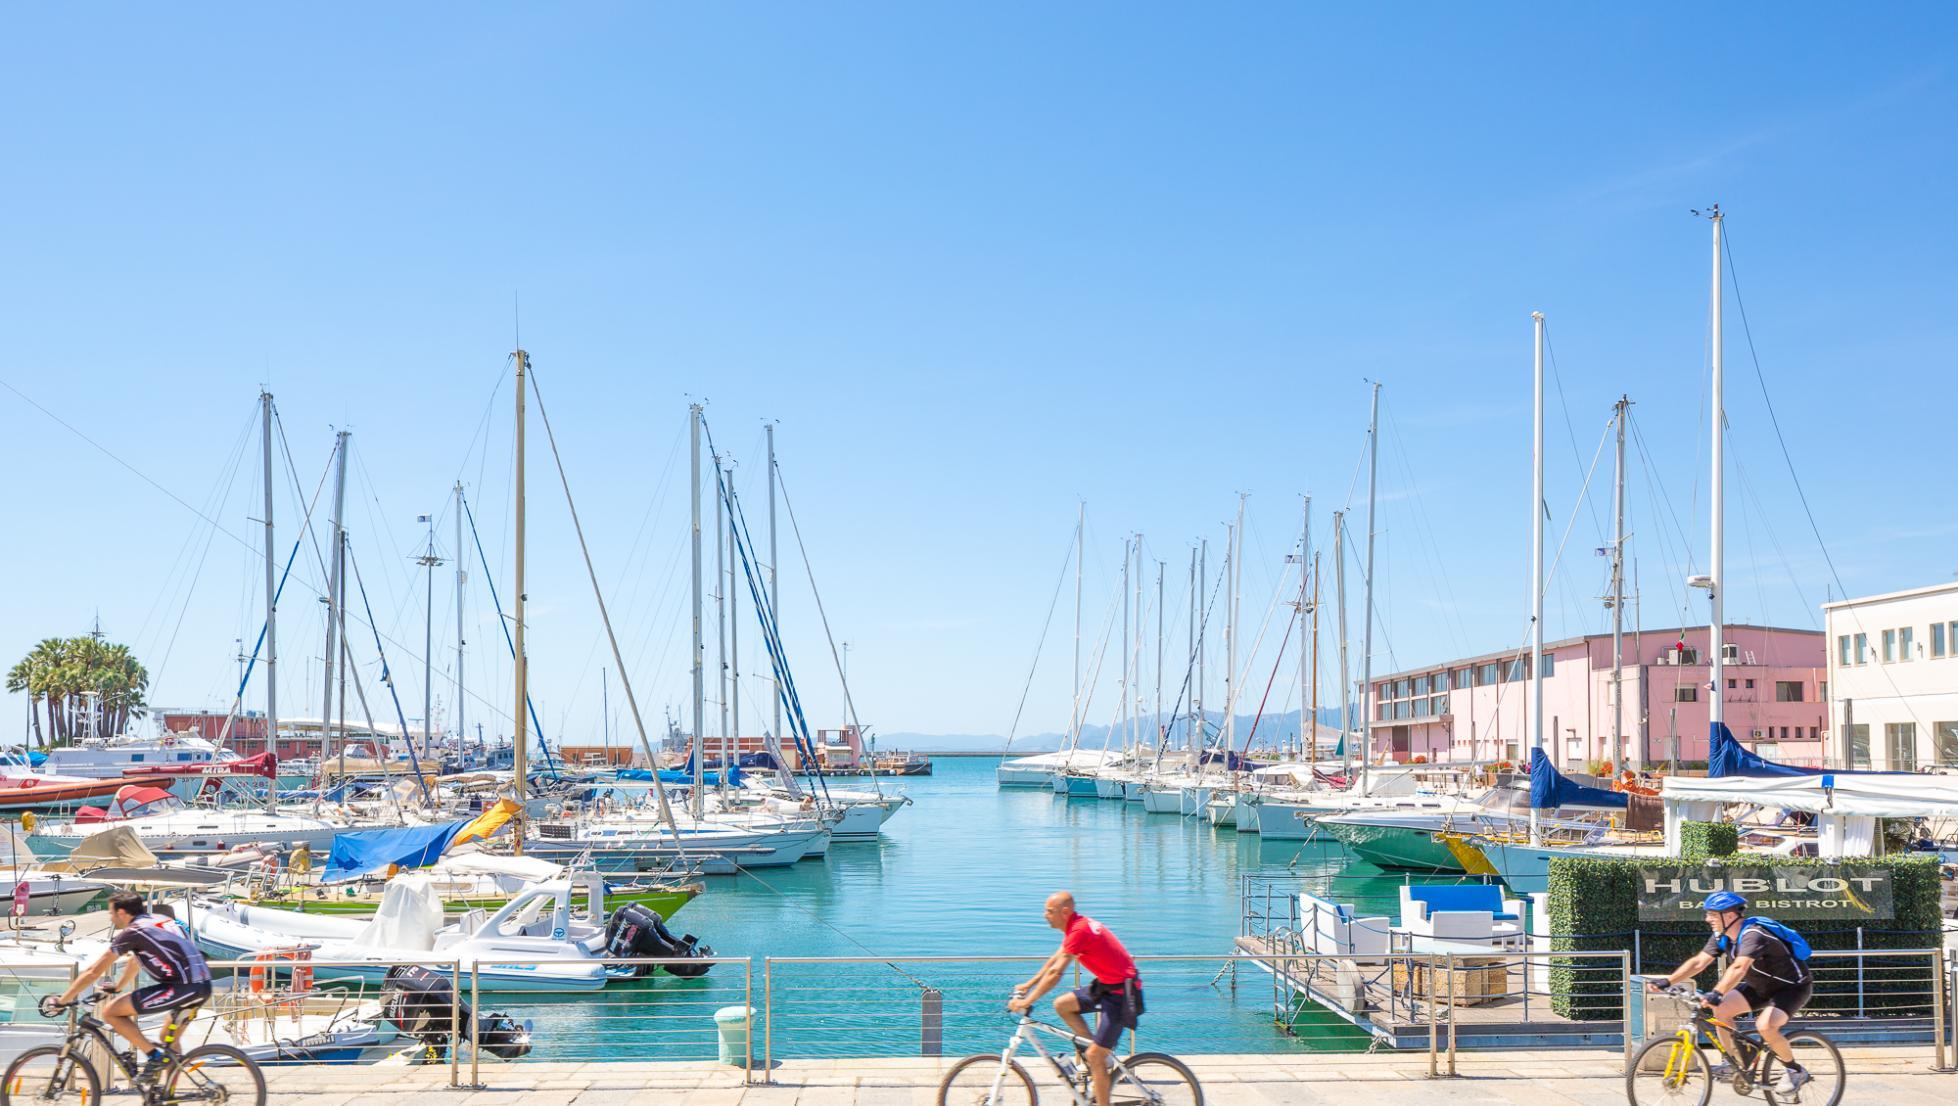 Darsena, molo Dogana - Cagliari